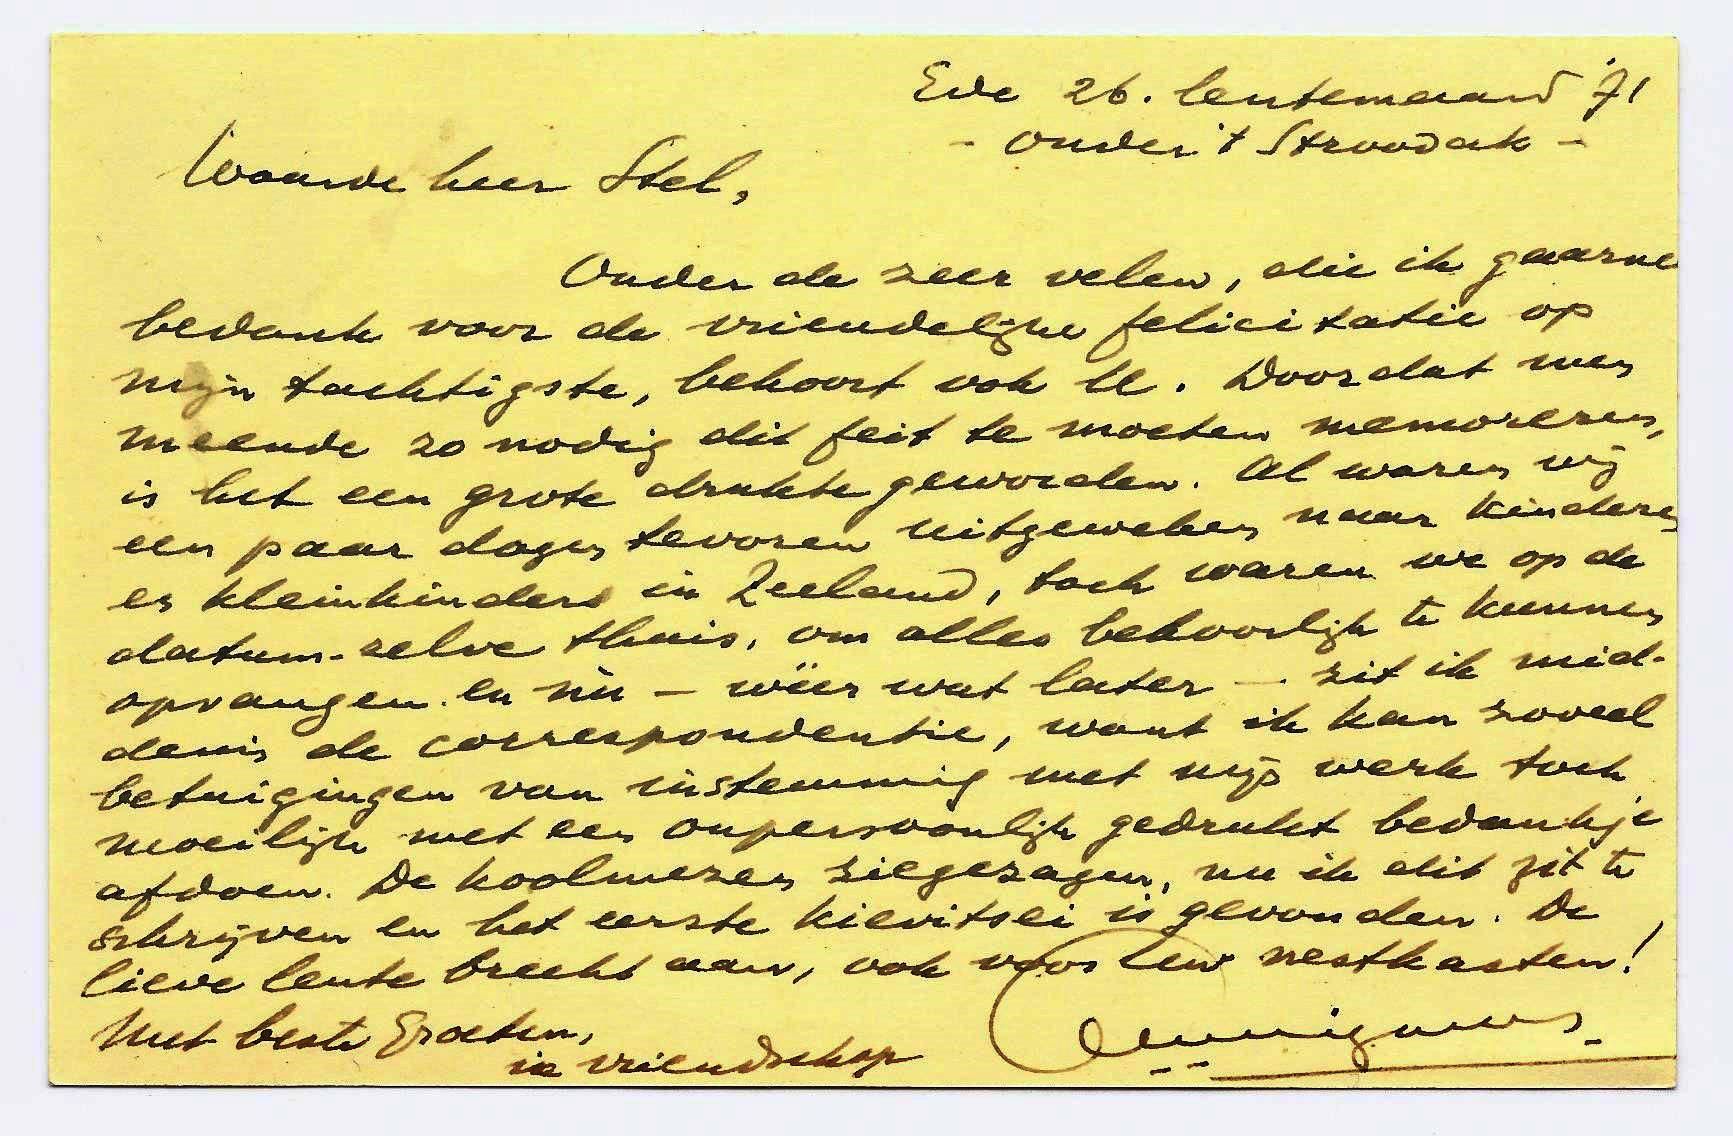 Laatste briefkaart van A.B. Wigman, d.d. 26 maart 1971. Ab Wigman was op 15 maart 1971 80 jaar geworden. Hij zou een jaar later, op 10 augustus 1972, overlijden.